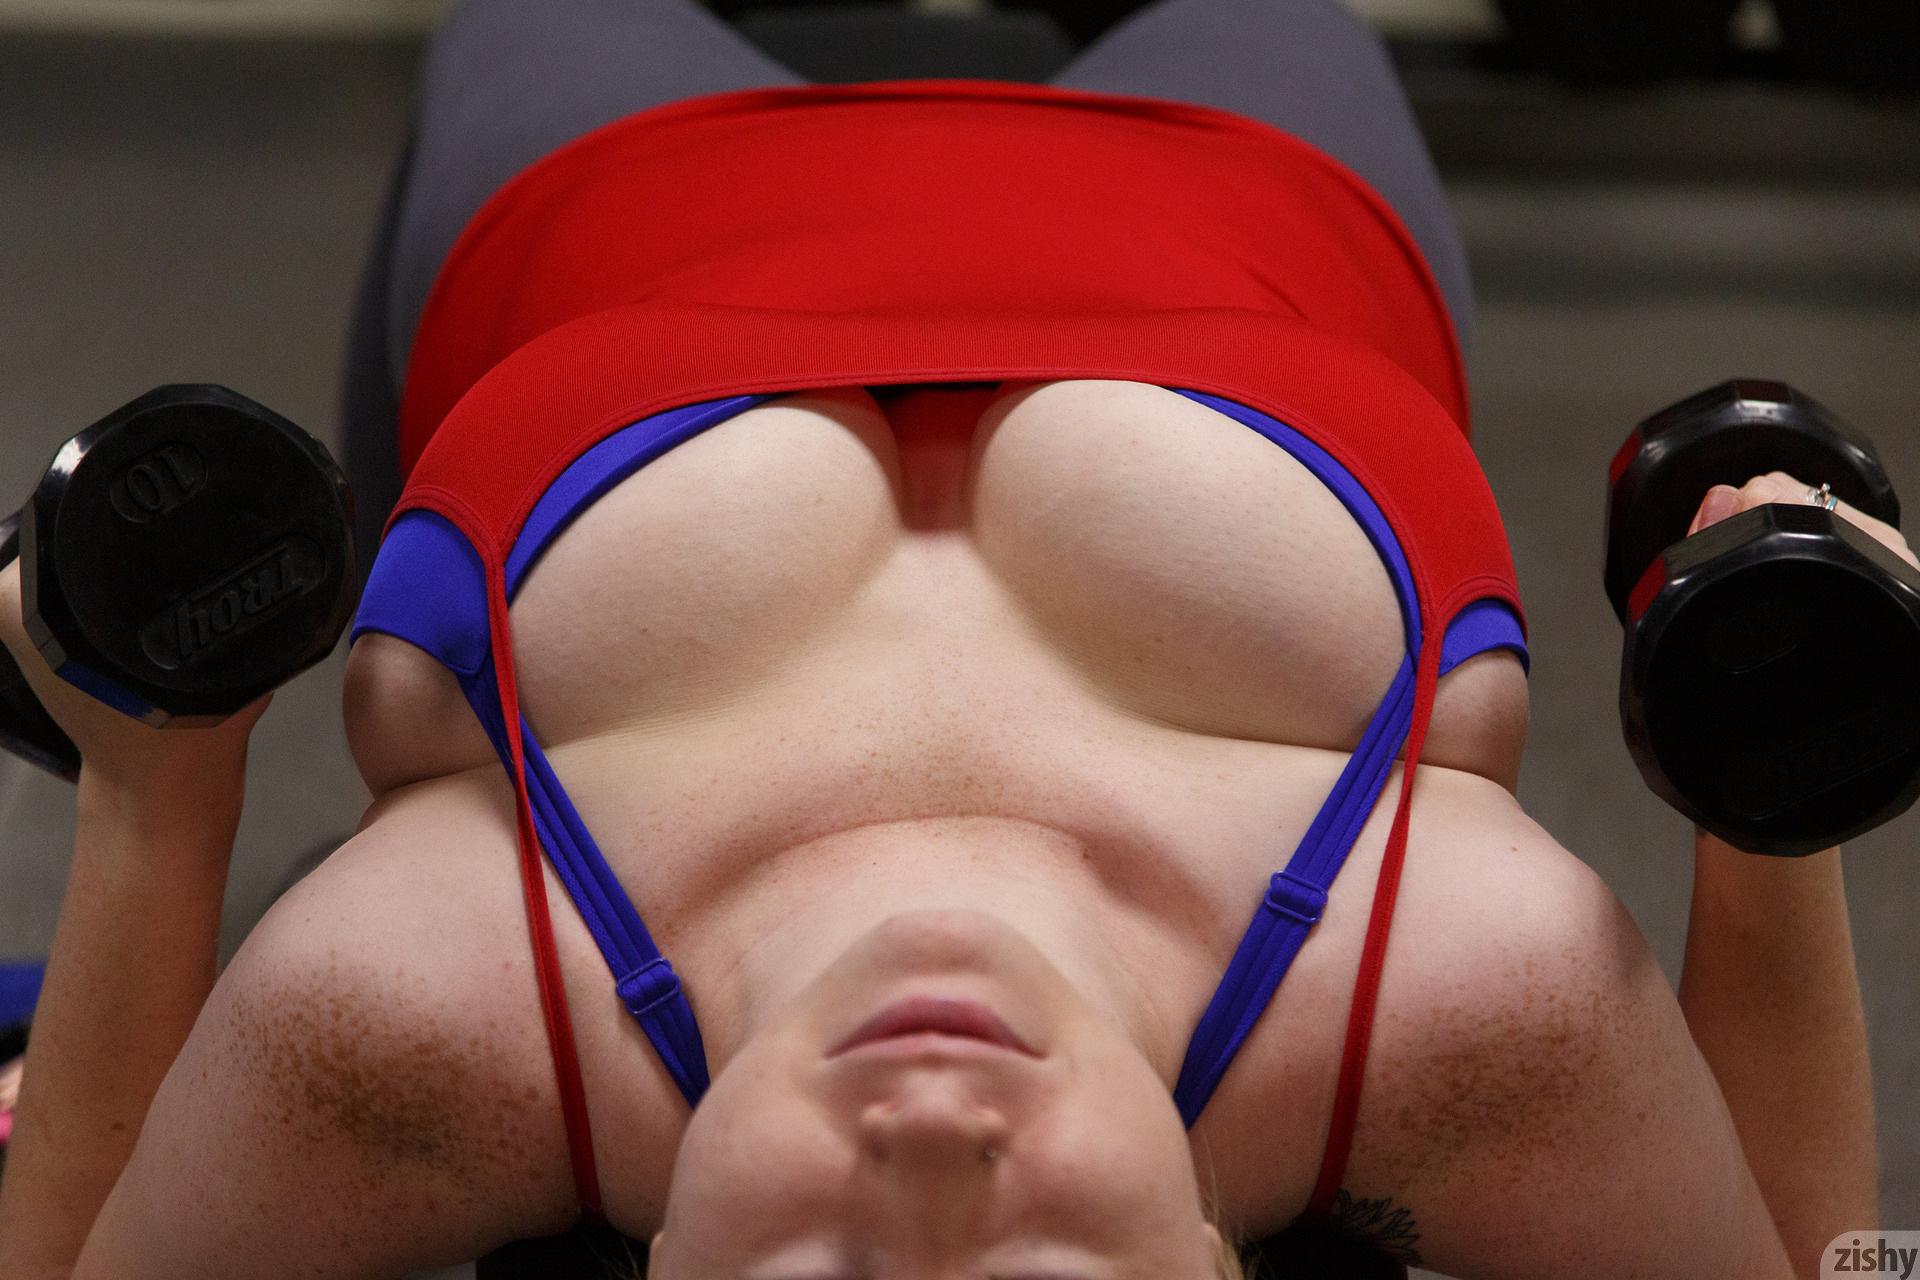 Irelynn Dunham Bedroom Cardio Zishy (5)